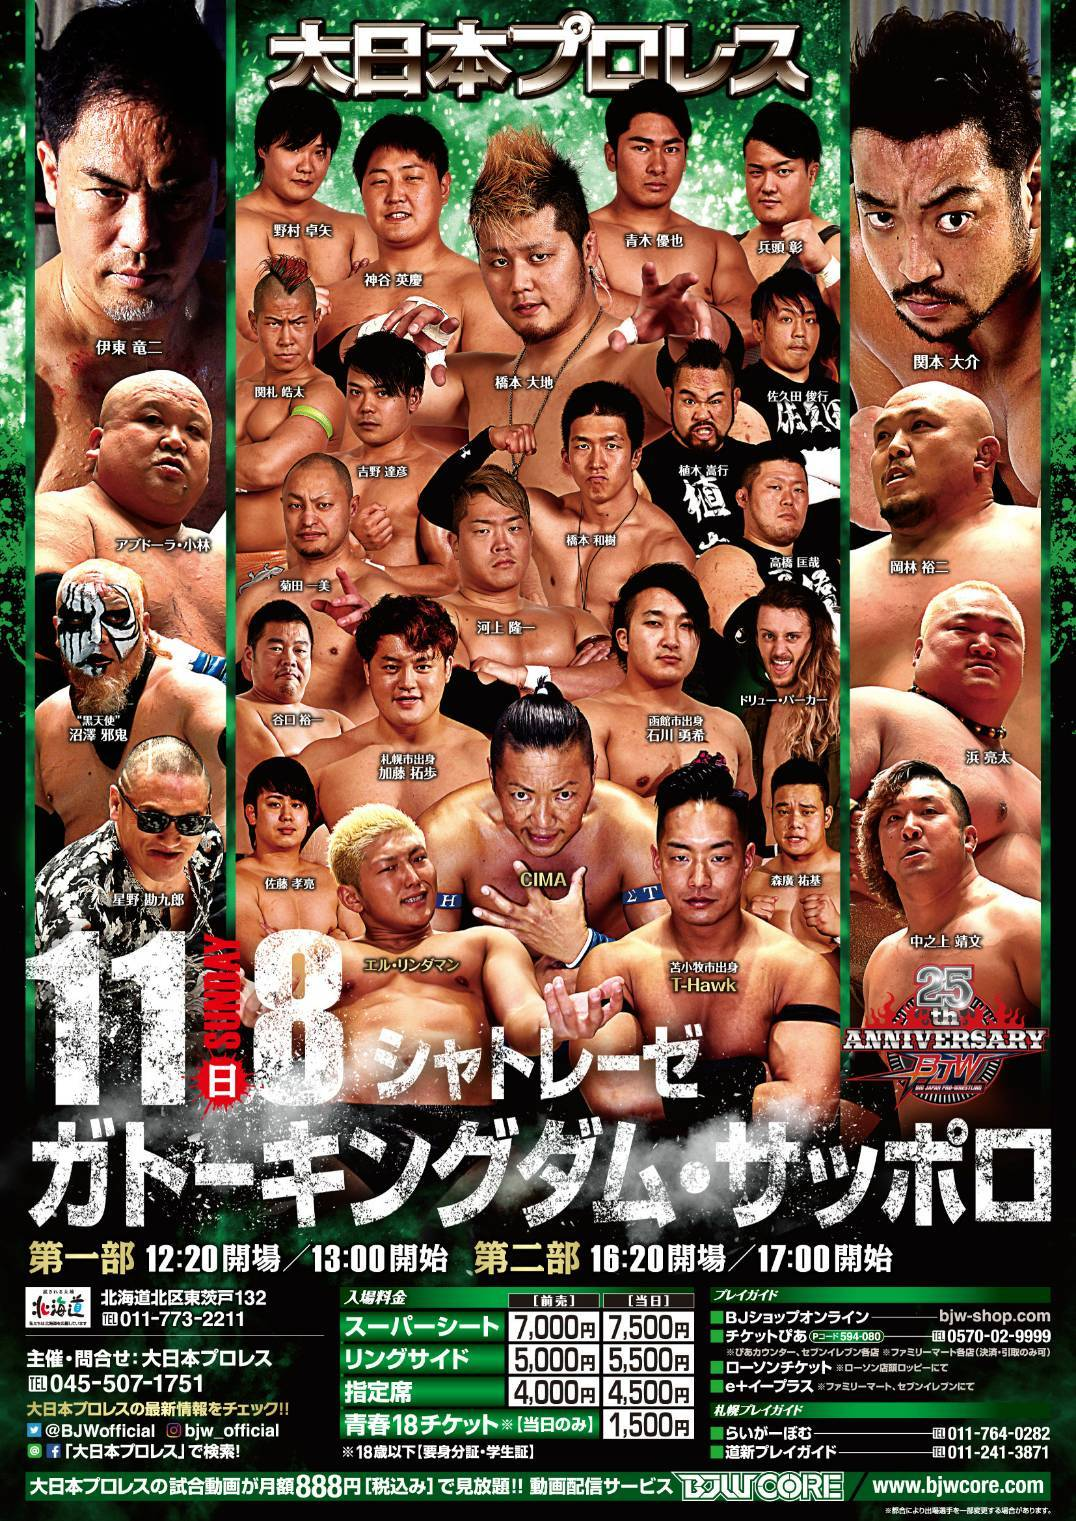 (第1部)北海道・シャトレーゼ・ガトーキングダムサッポロ大会